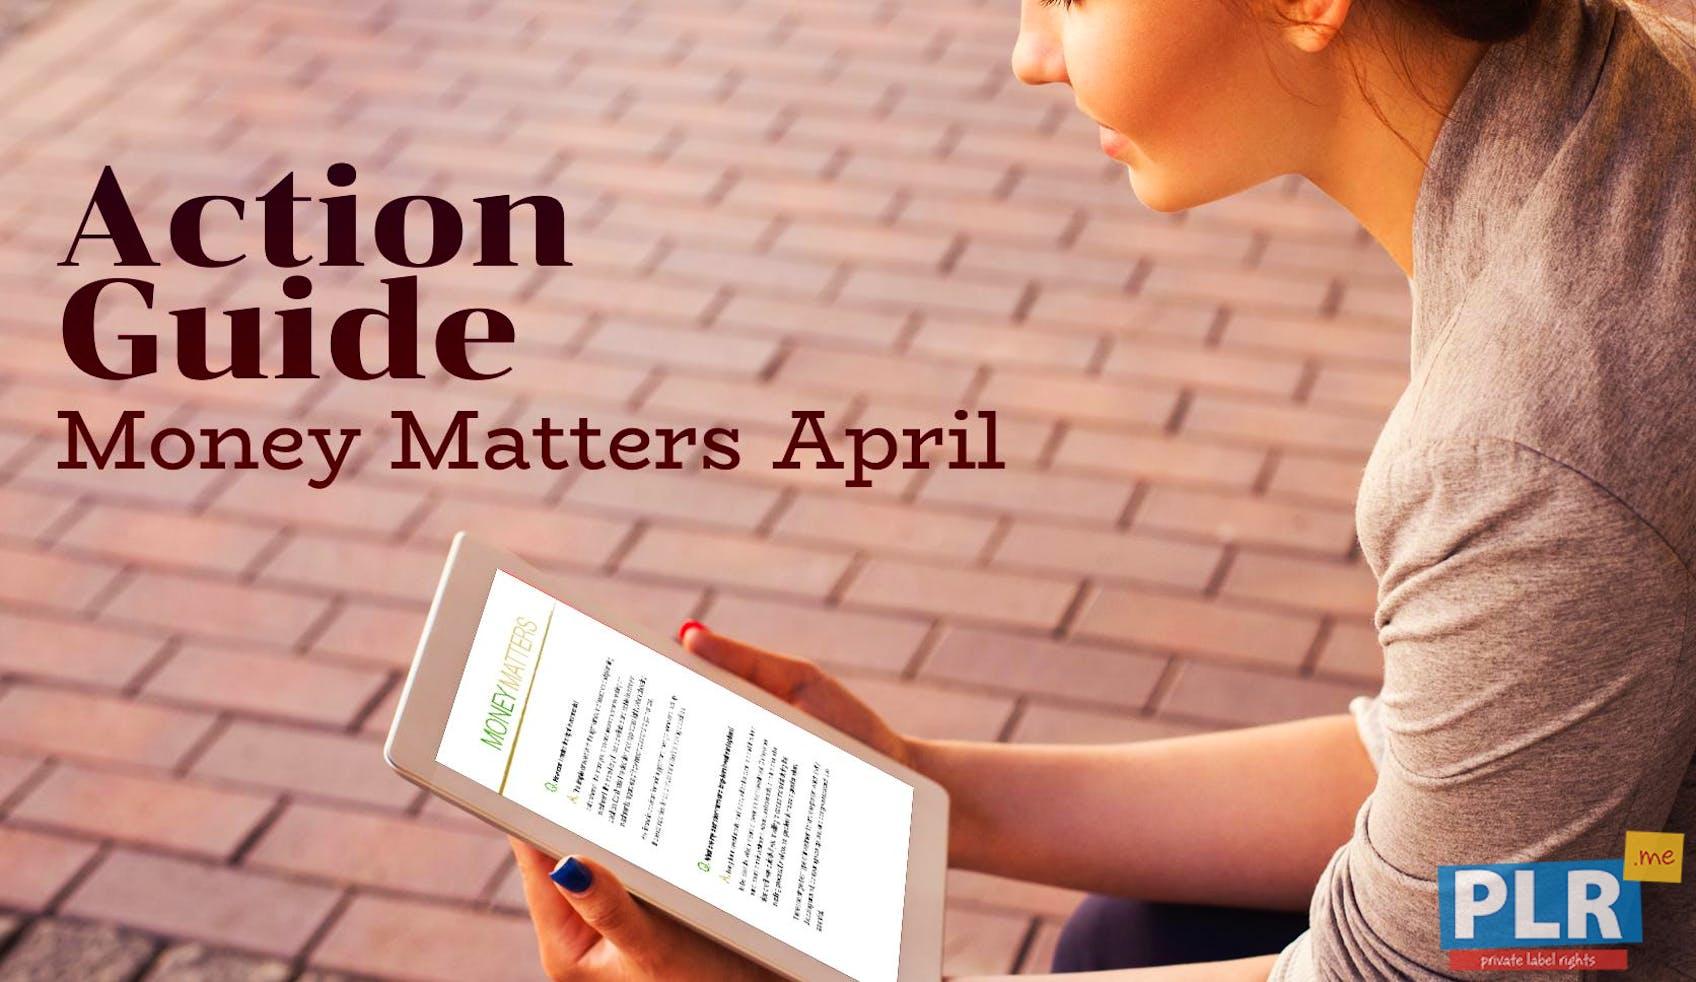 Money Matters April